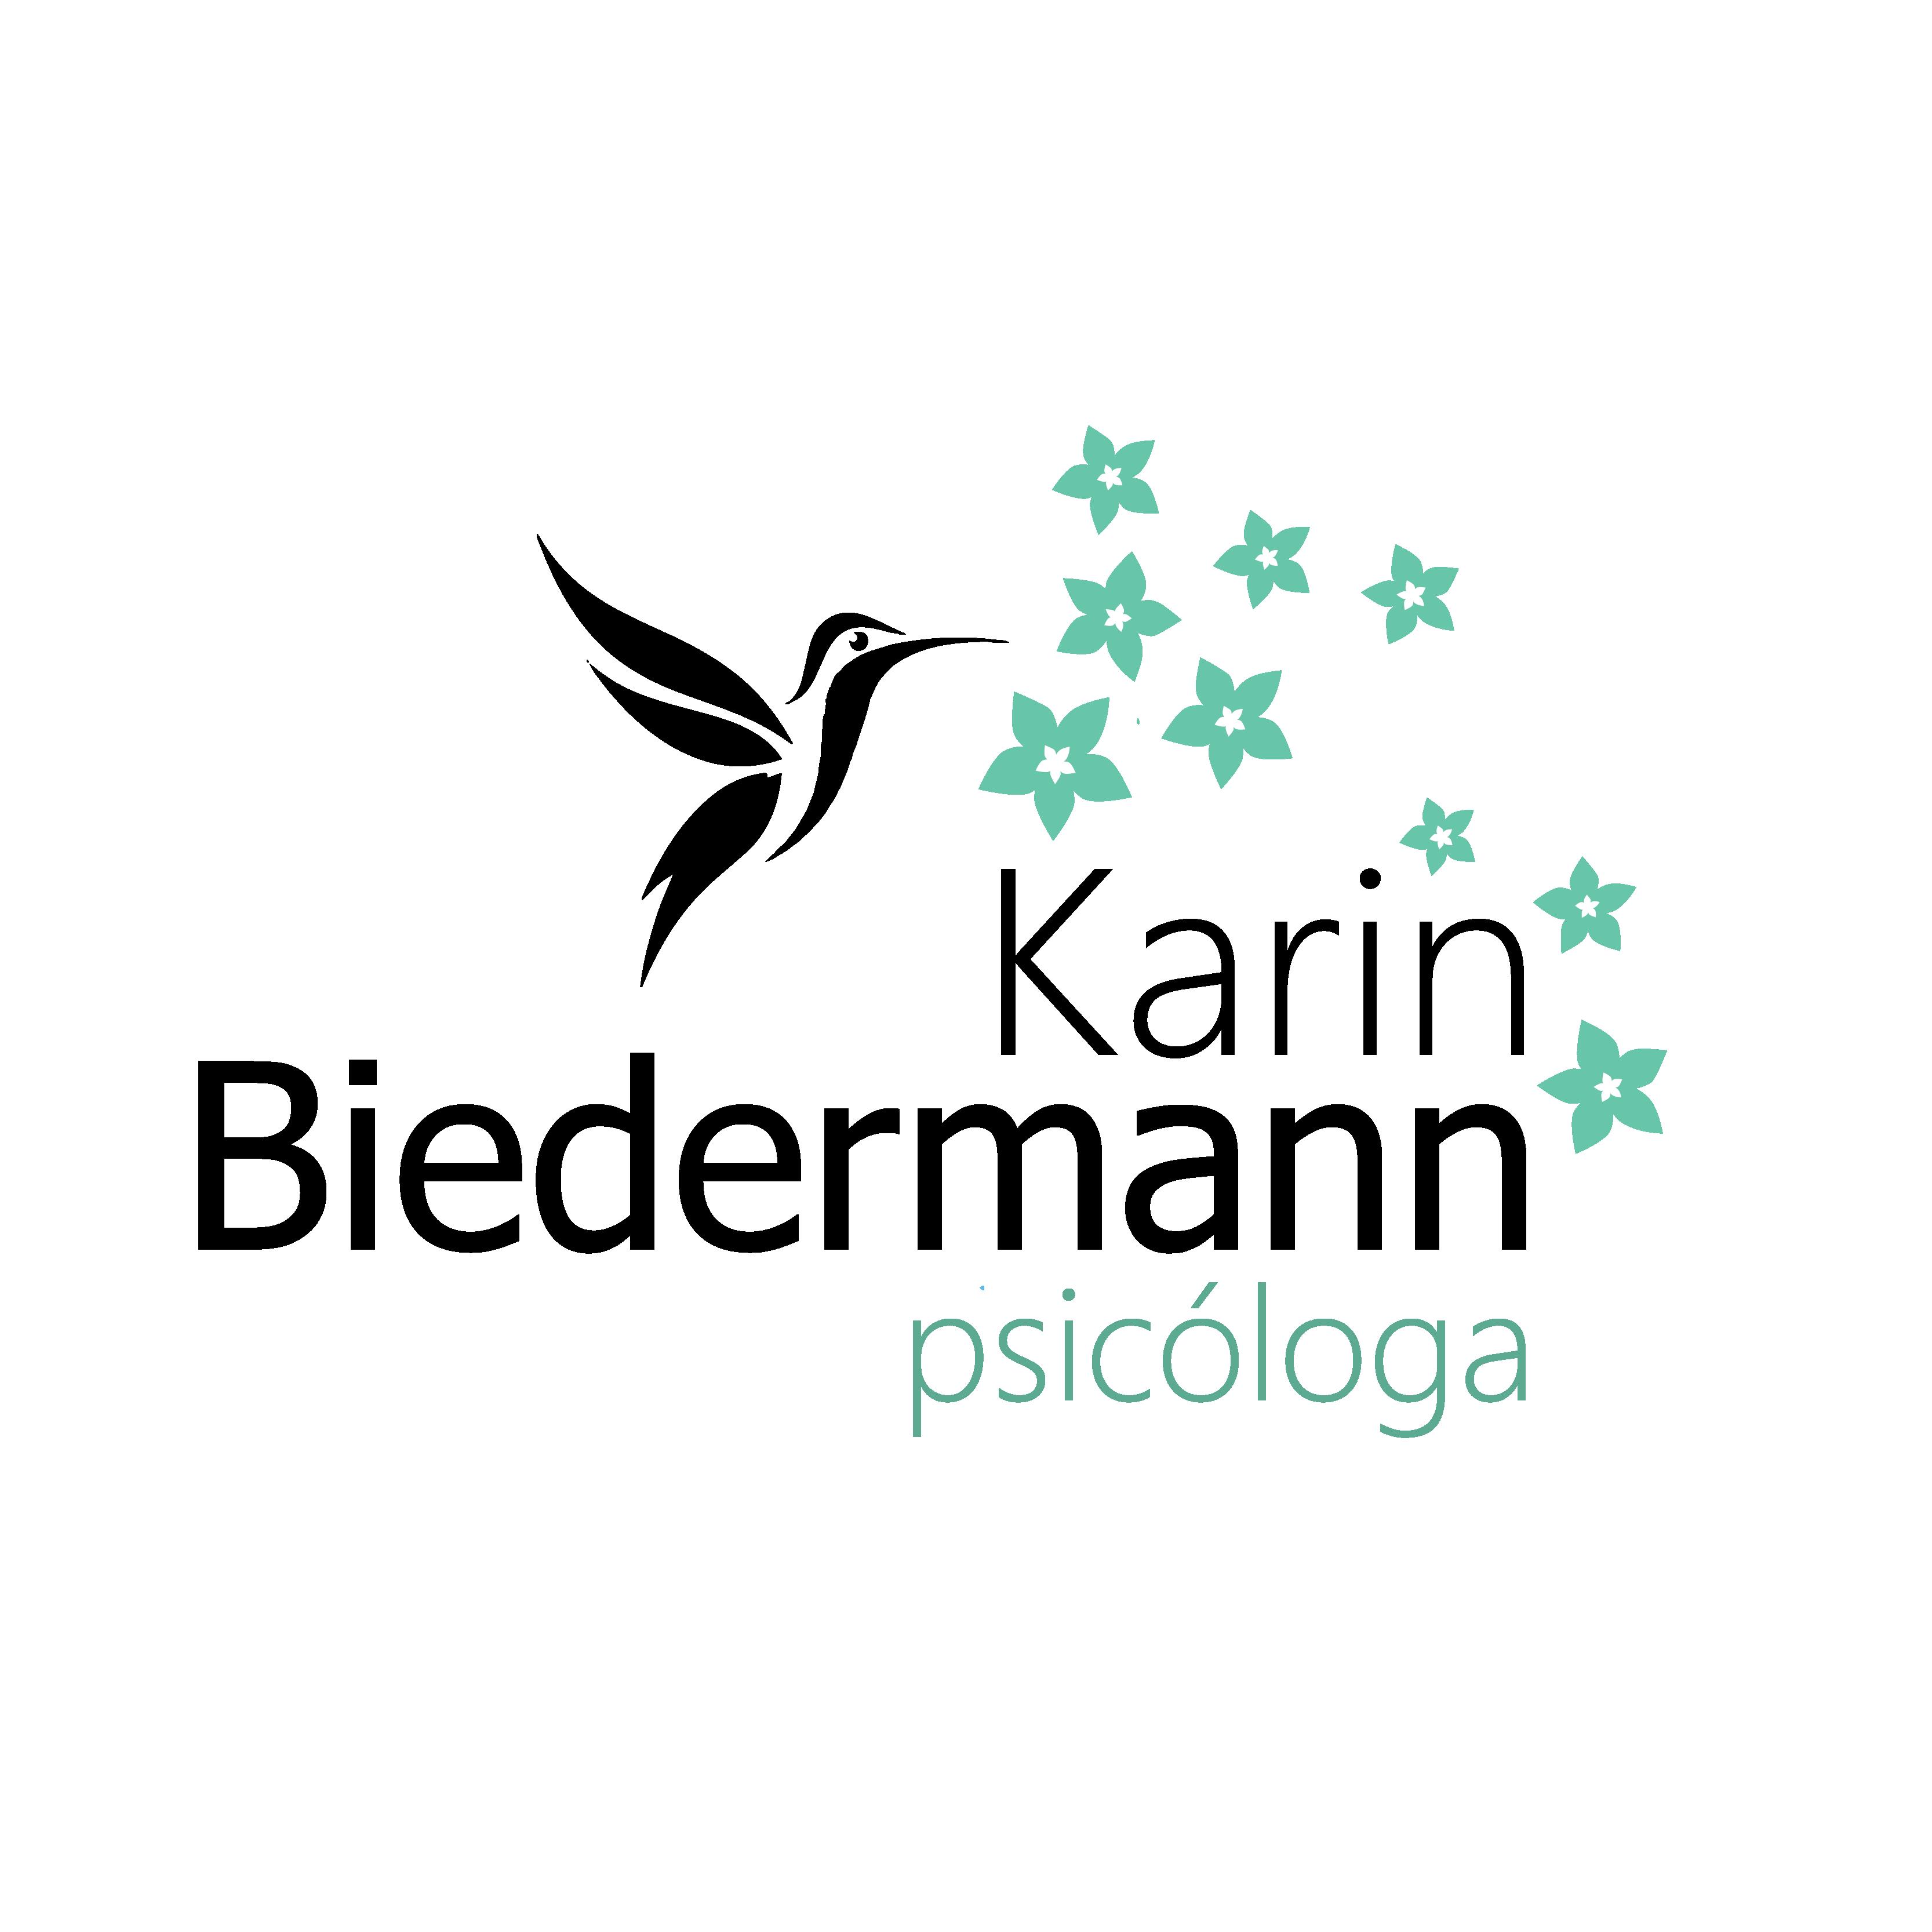 Karin psicologa LOGO-01